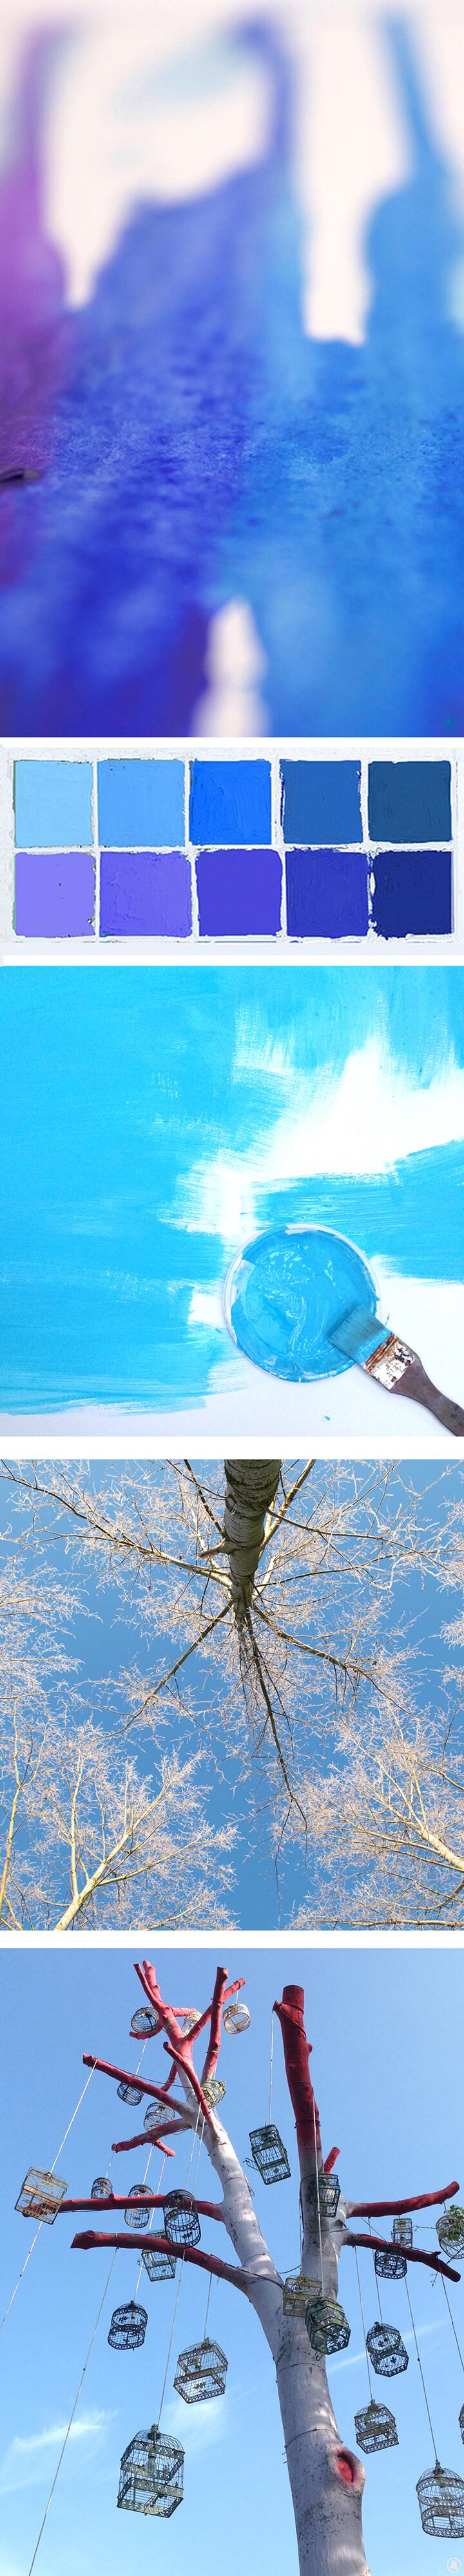 Blo about the color blue bu Angeles Nieto - Blog over de kleur blauw door Angeles Nieto - Blog sober el color Azul escrito por Angeles Nieto